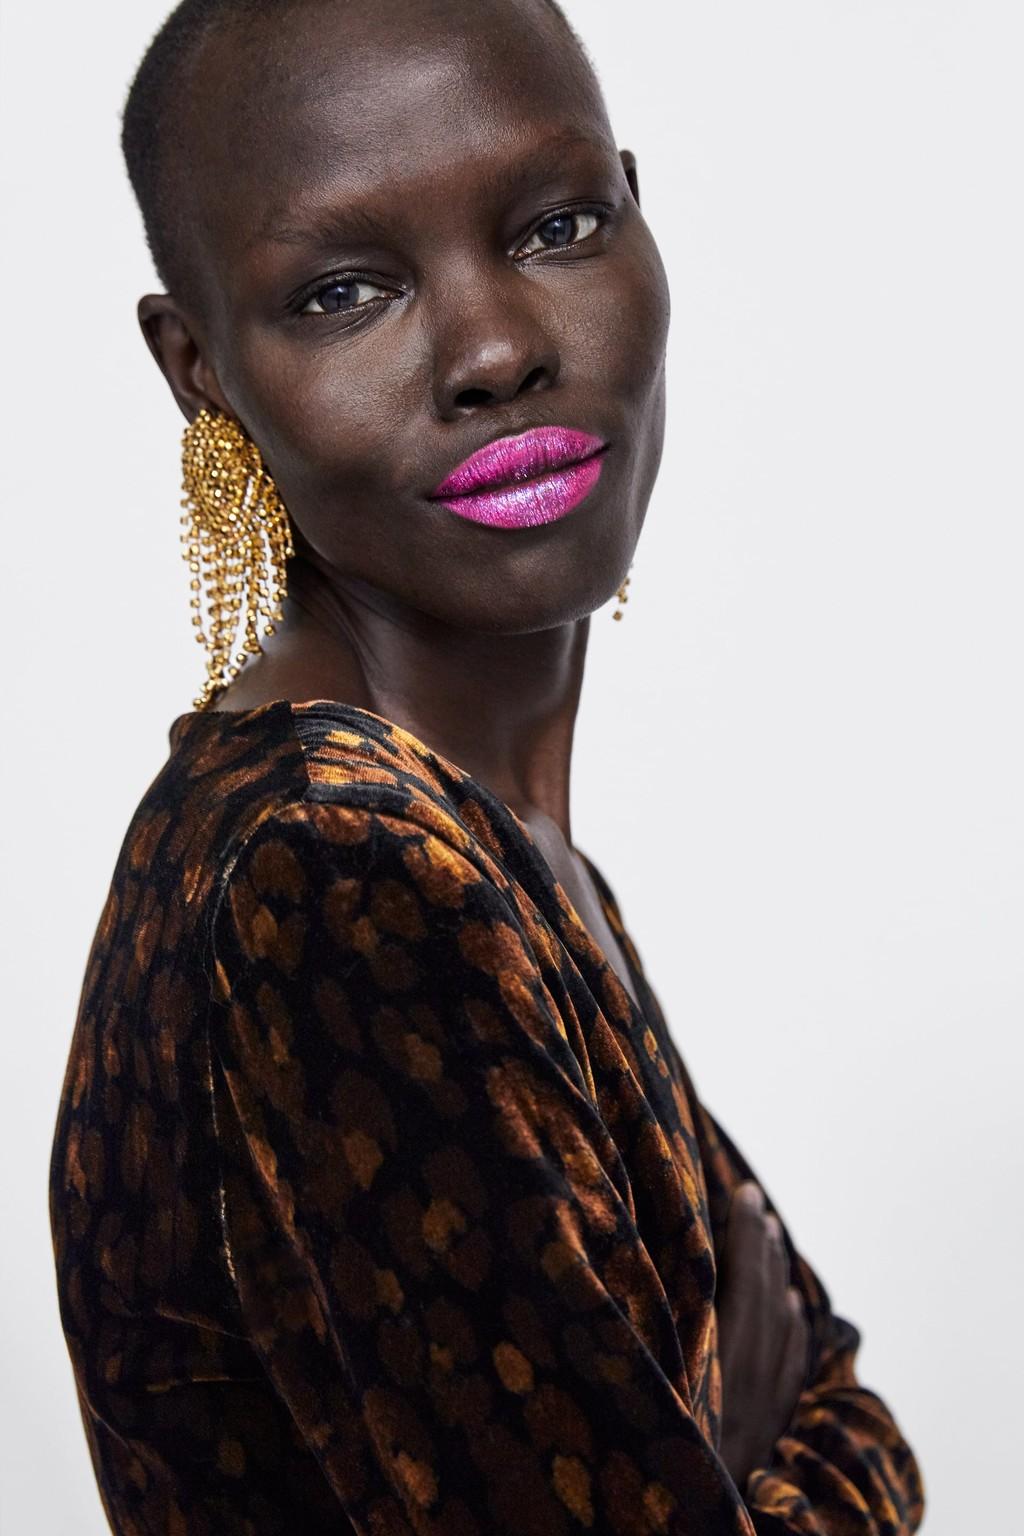 Zara nos propone distintos versiones (llamativas) para maquillarnos durante estas Navidades, ¿te animas?